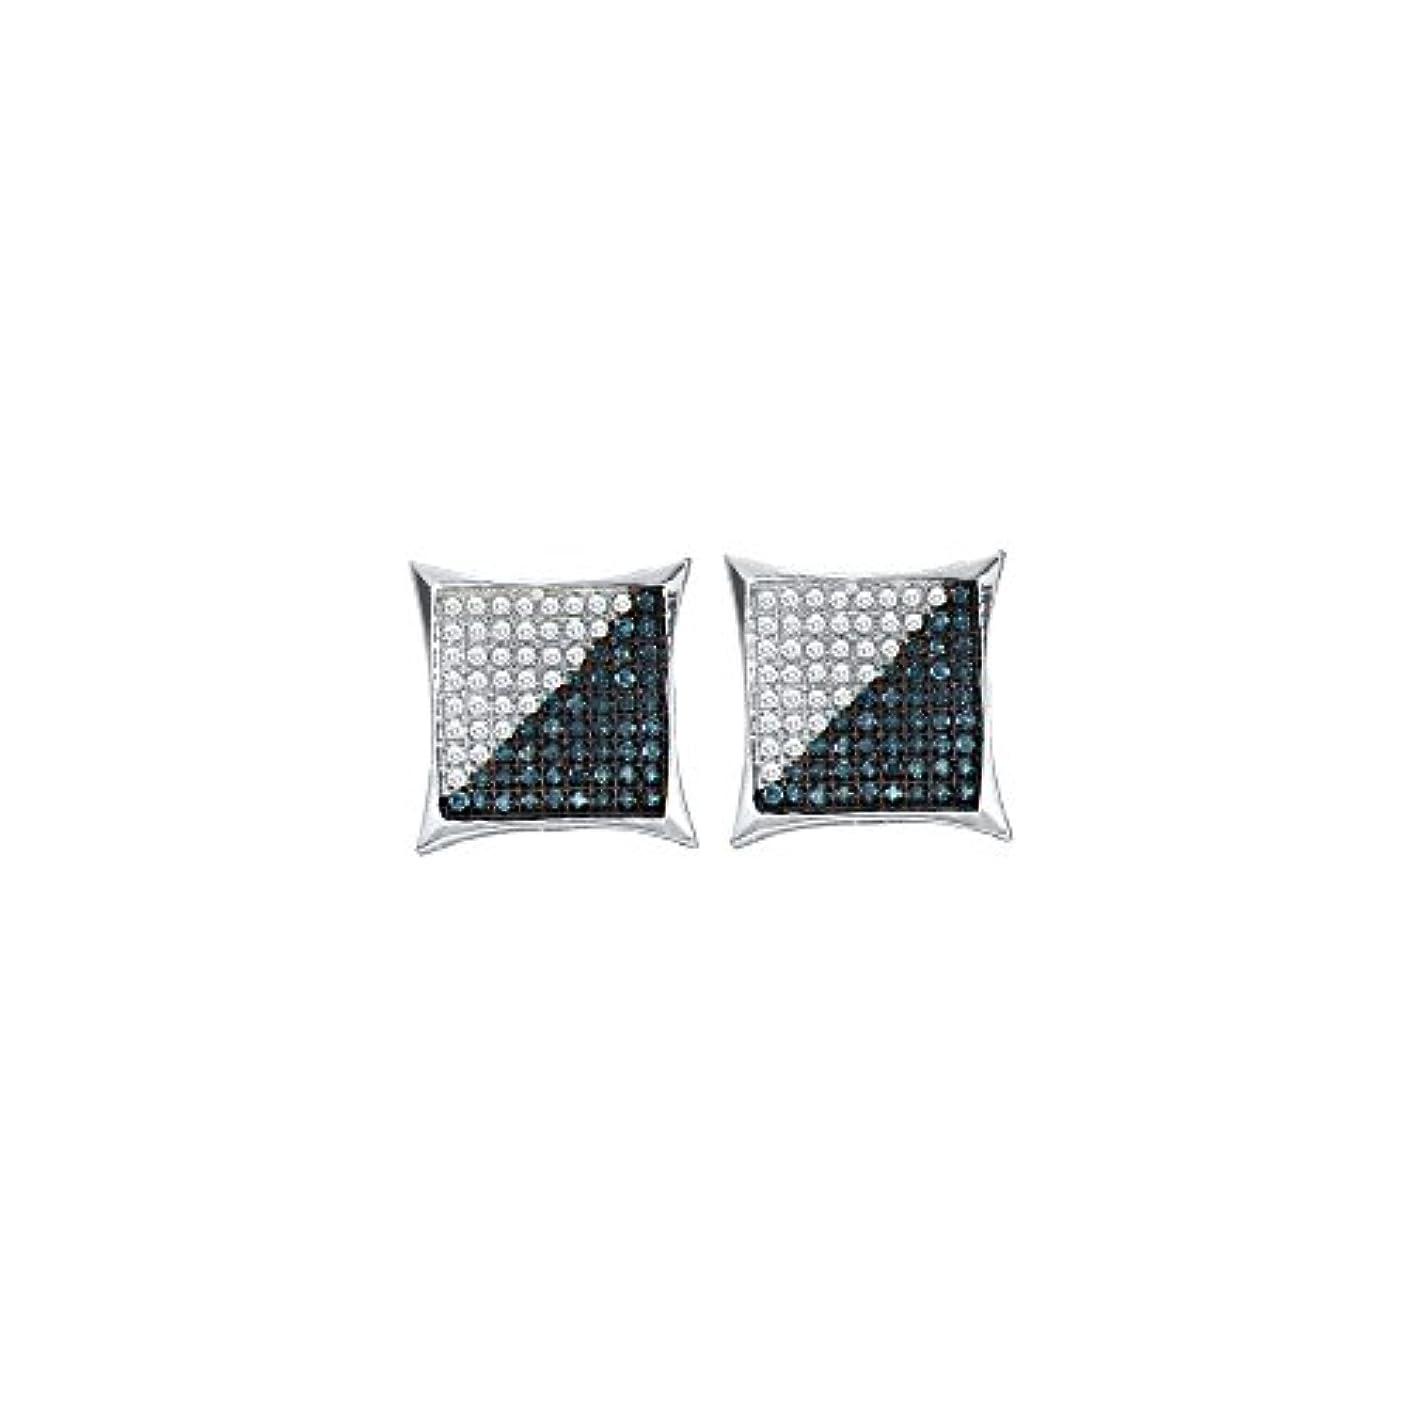 繰り返し平方涙10kt ホワイトゴールド メンズ ラウンド ブルーカラー 強化ダイヤモンド スクエア カイト クラスター ピアス 1/3カラット